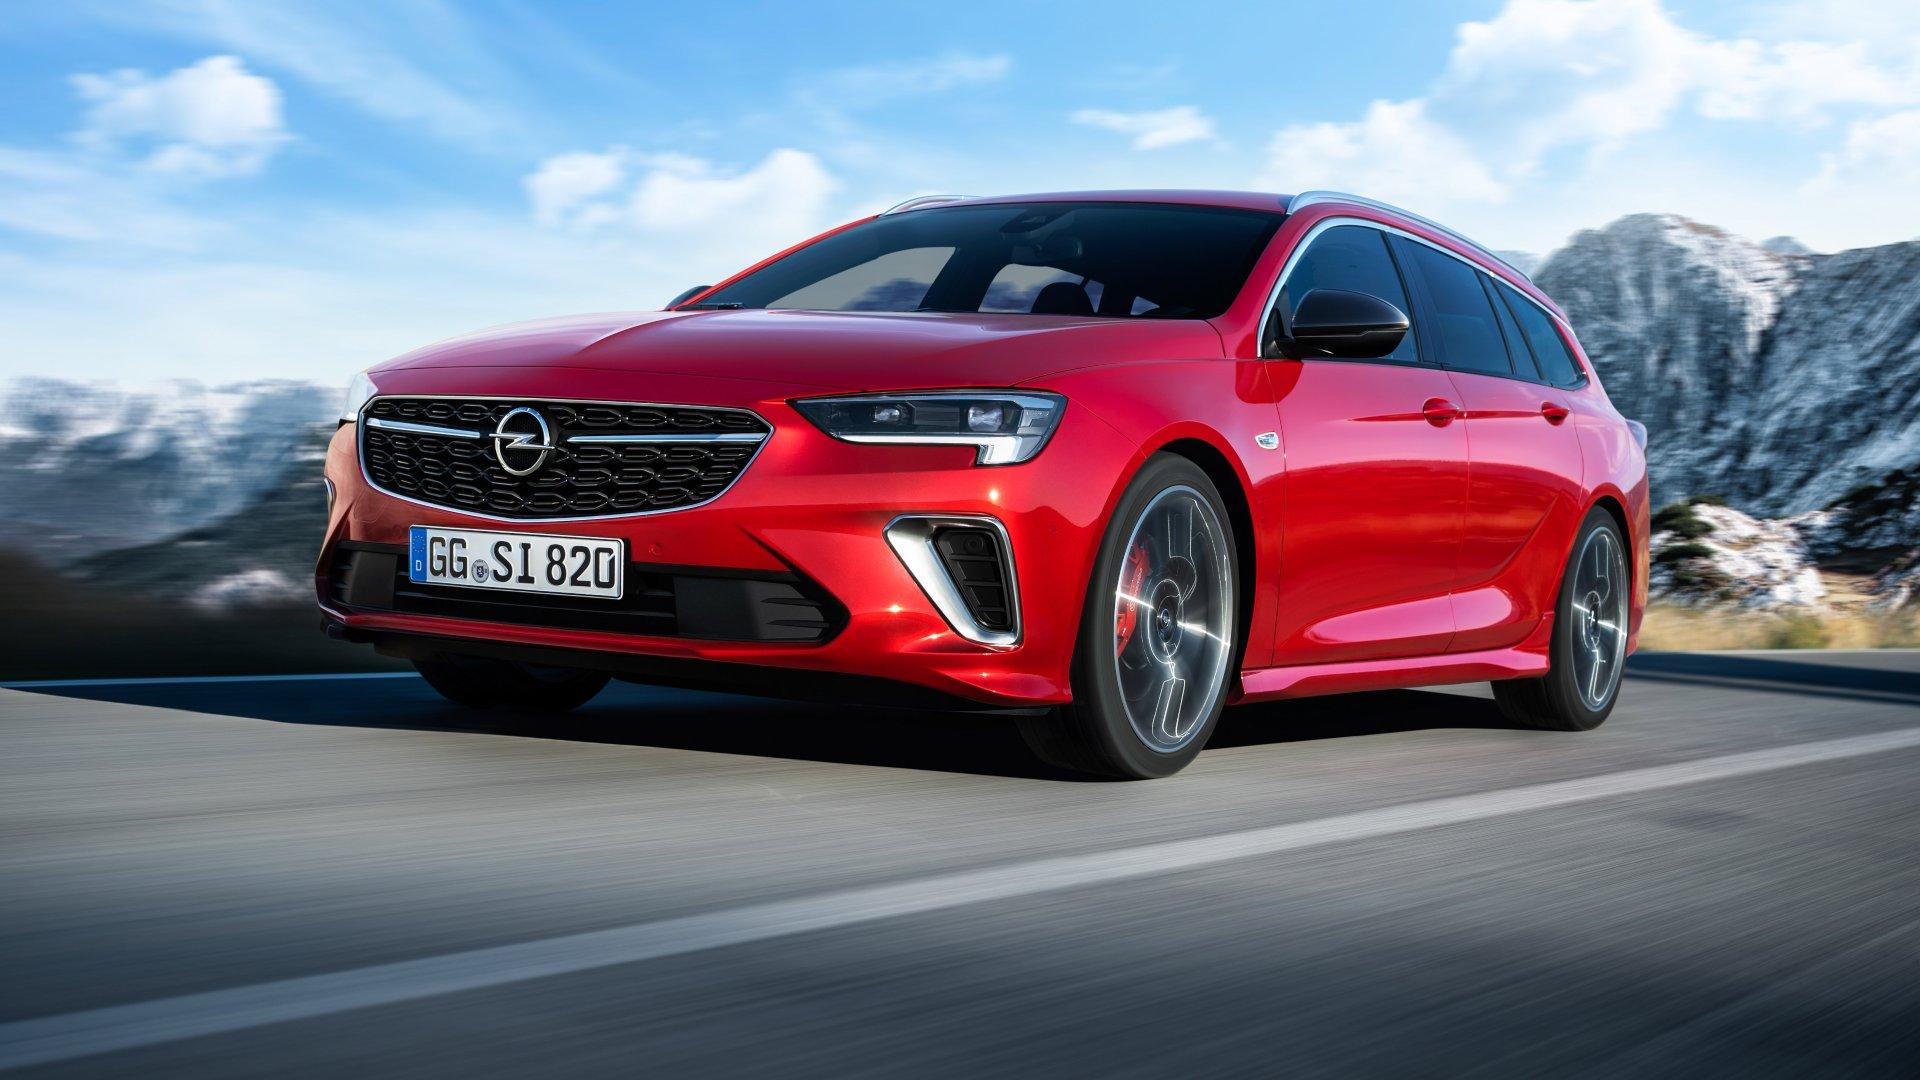 El nuevo Opel Insignia debuta en el Salón de Bruselas